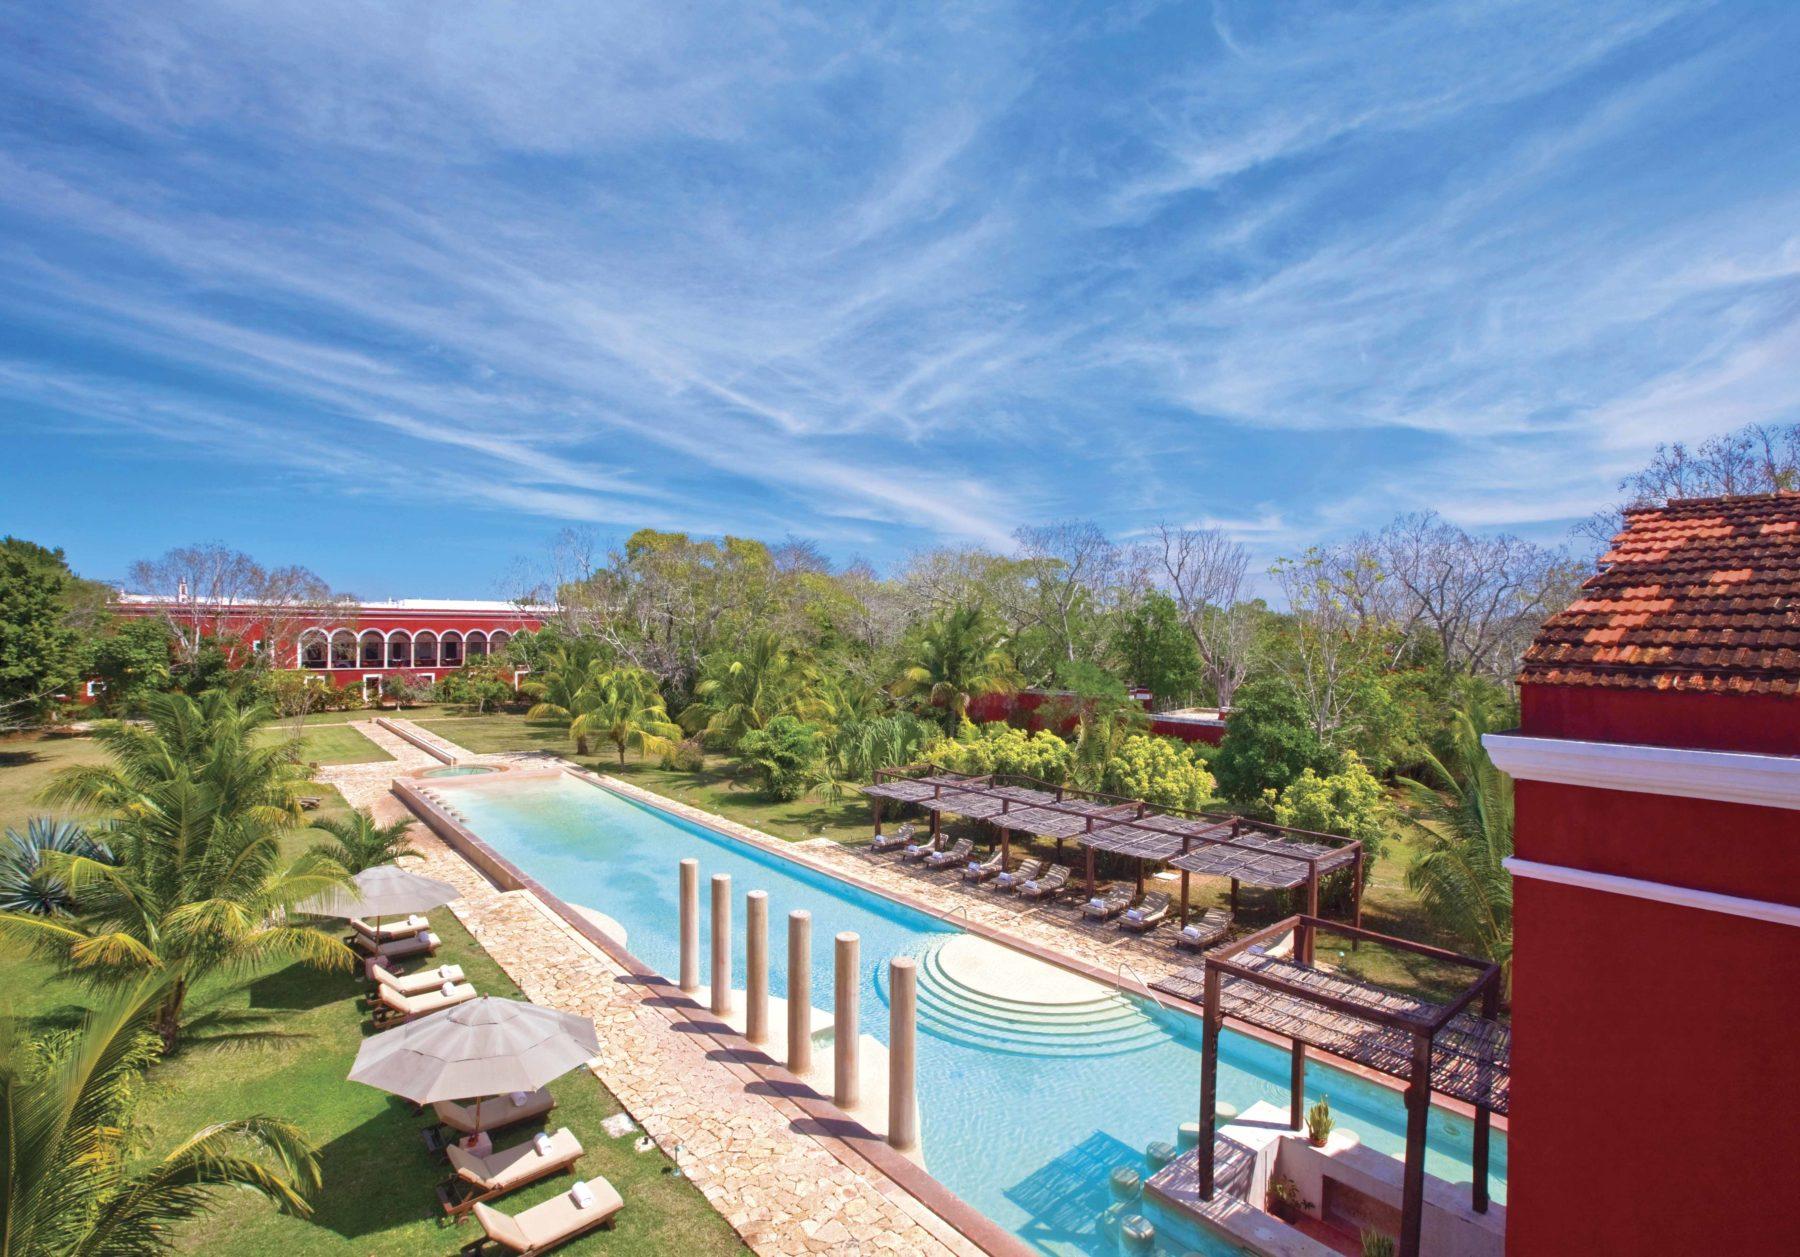 Hacienda Temozón, Yucatán: evocación de otra época